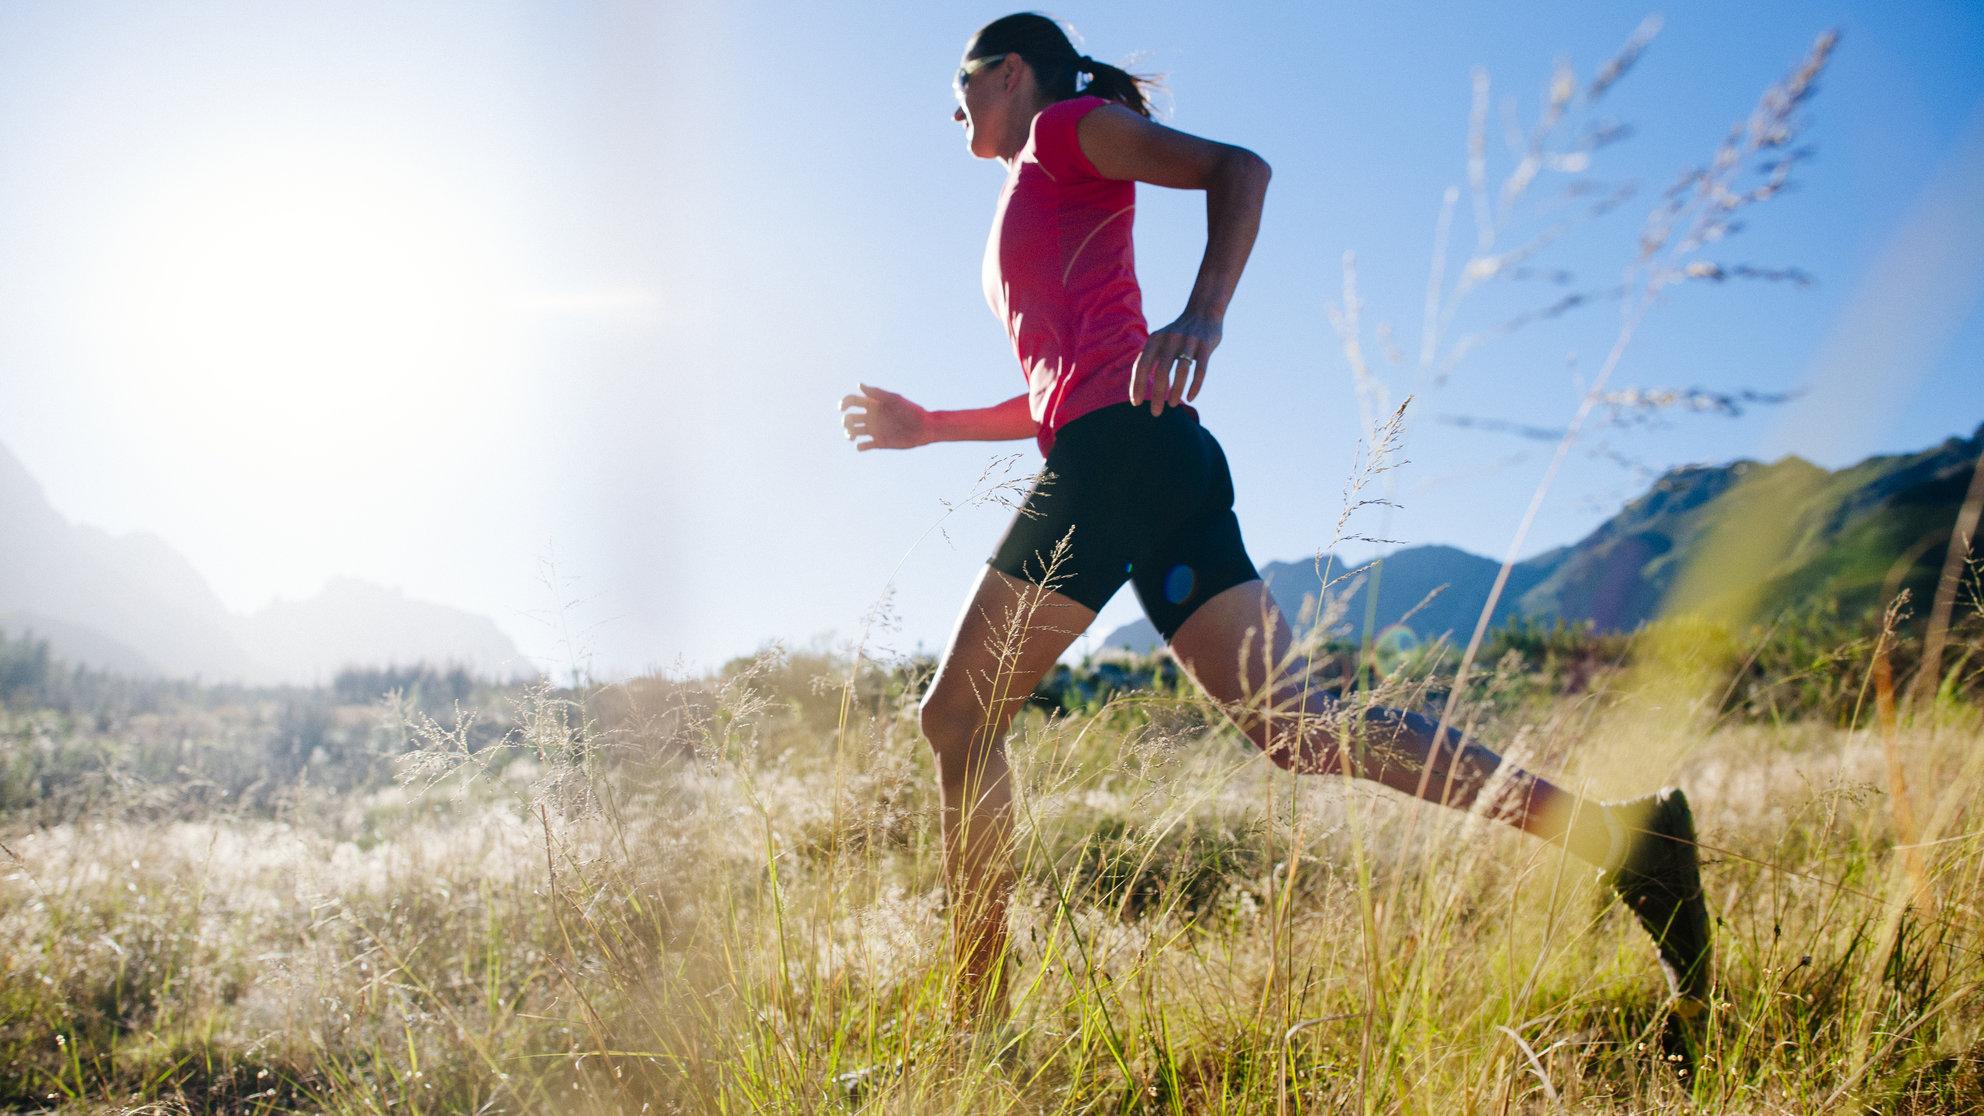 Кросс - бег по пересеченной местности